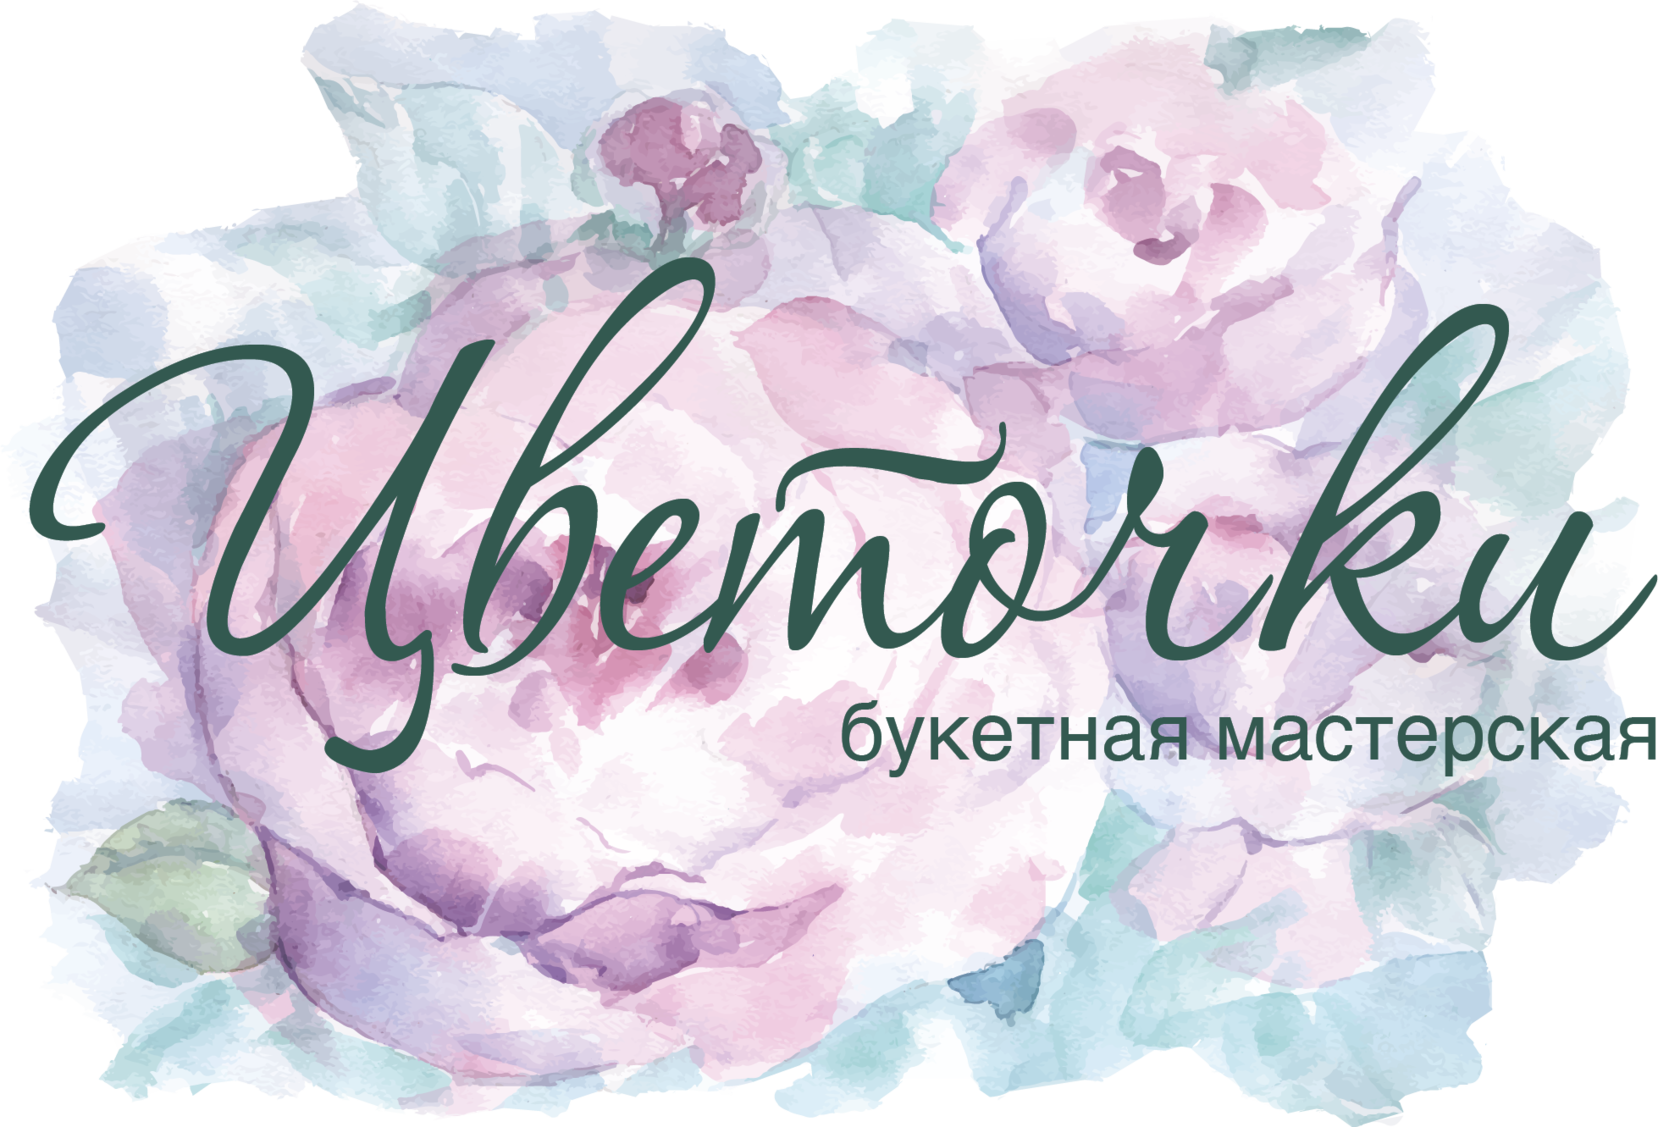 Цветочки | букетная мастерская